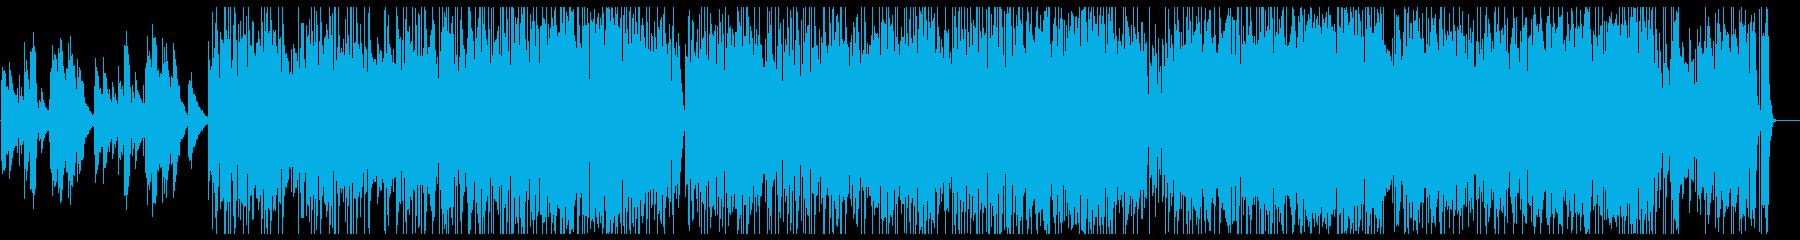 フュージョン ジャズ クラシック ...の再生済みの波形